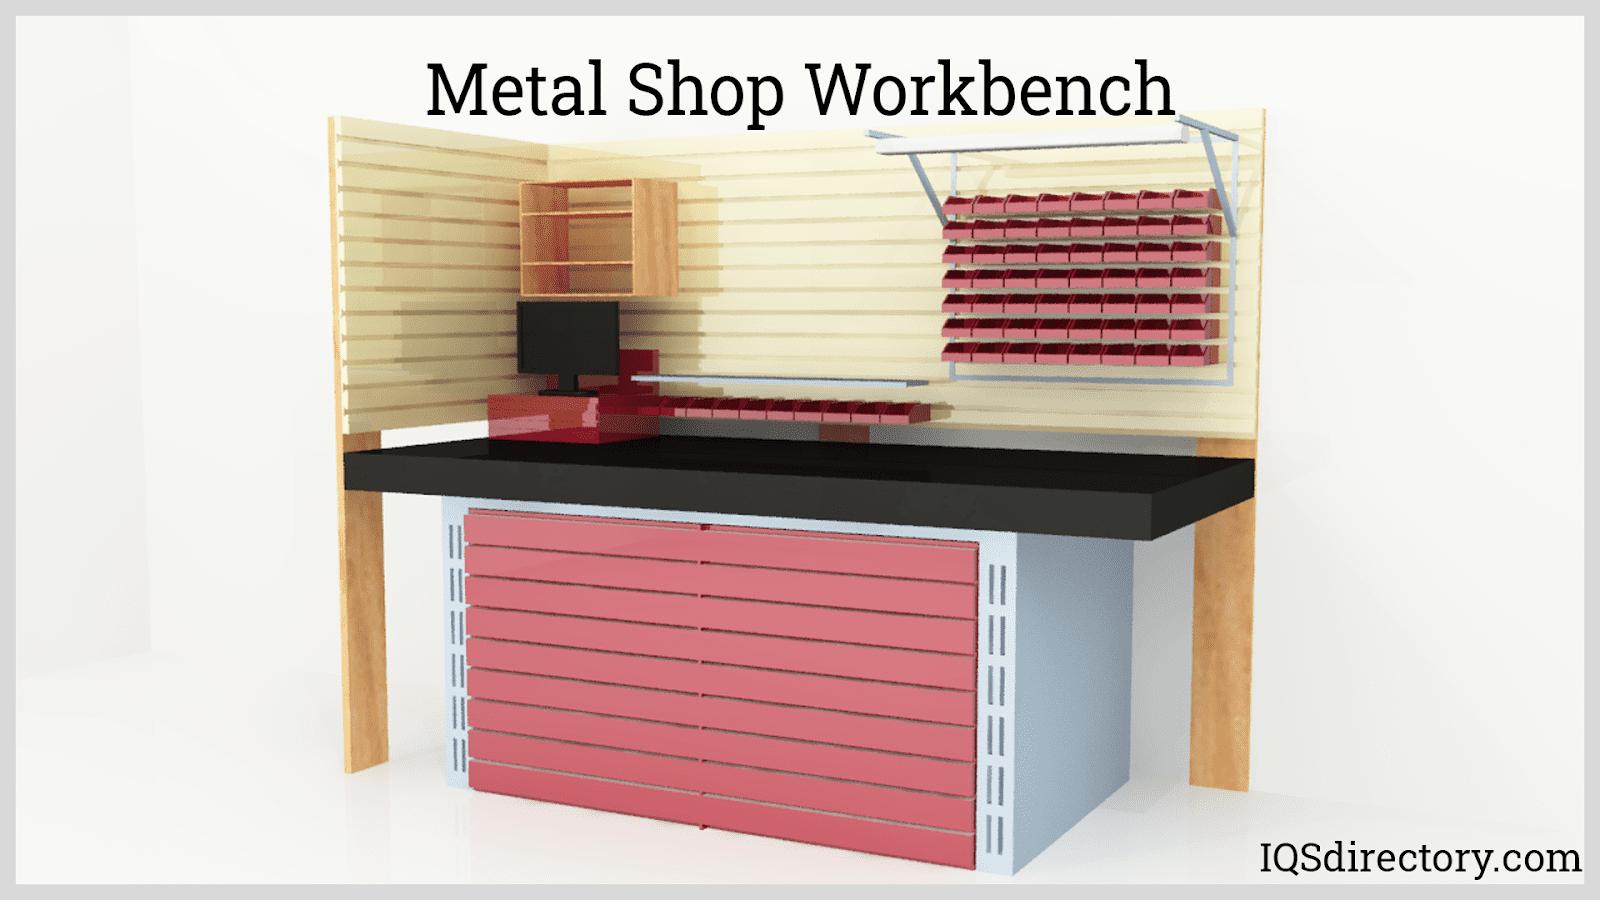 Metal Shop Workbench